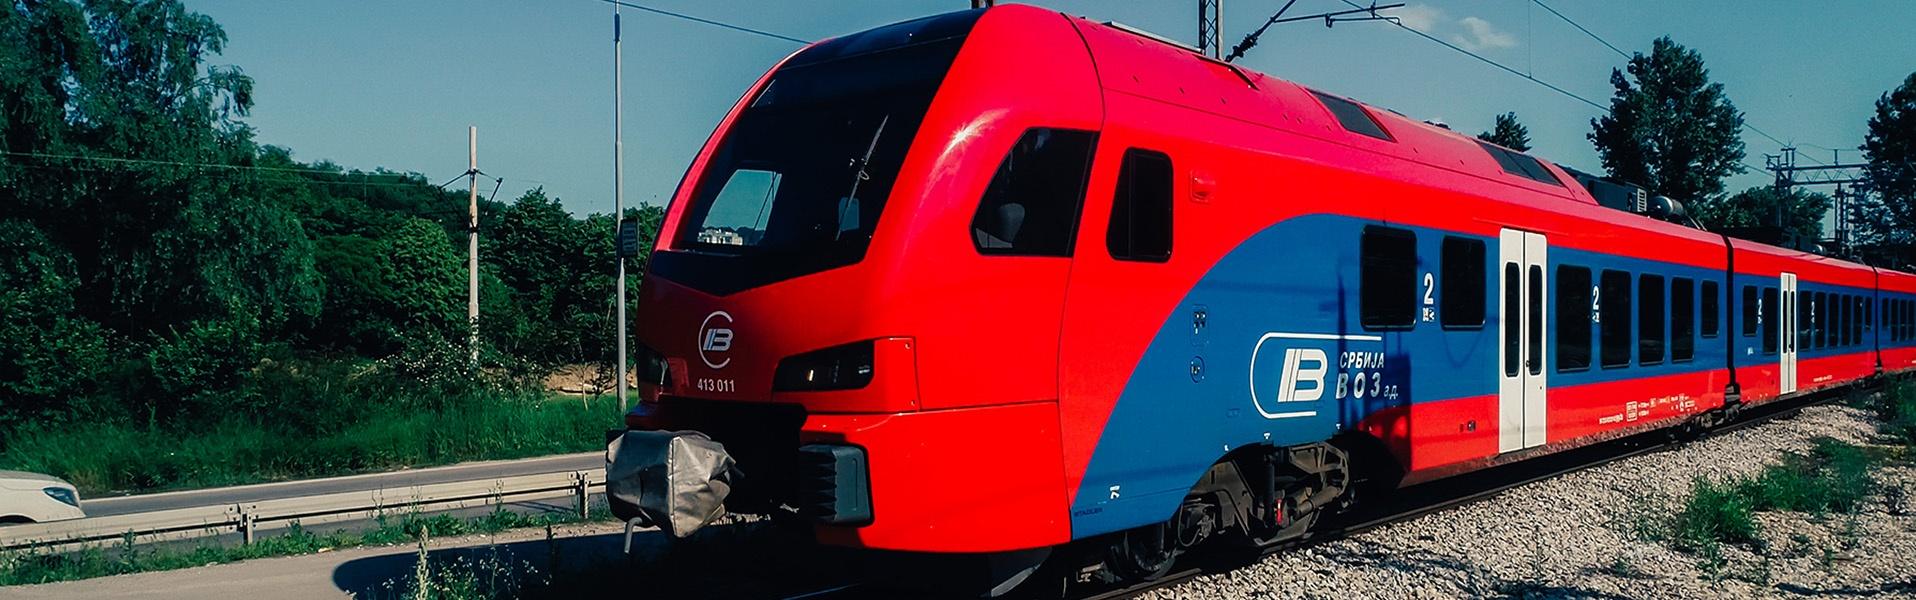 Povećan broj polazaka vozova za prevoz putnika u unutrašnjem saobraćaju 35624